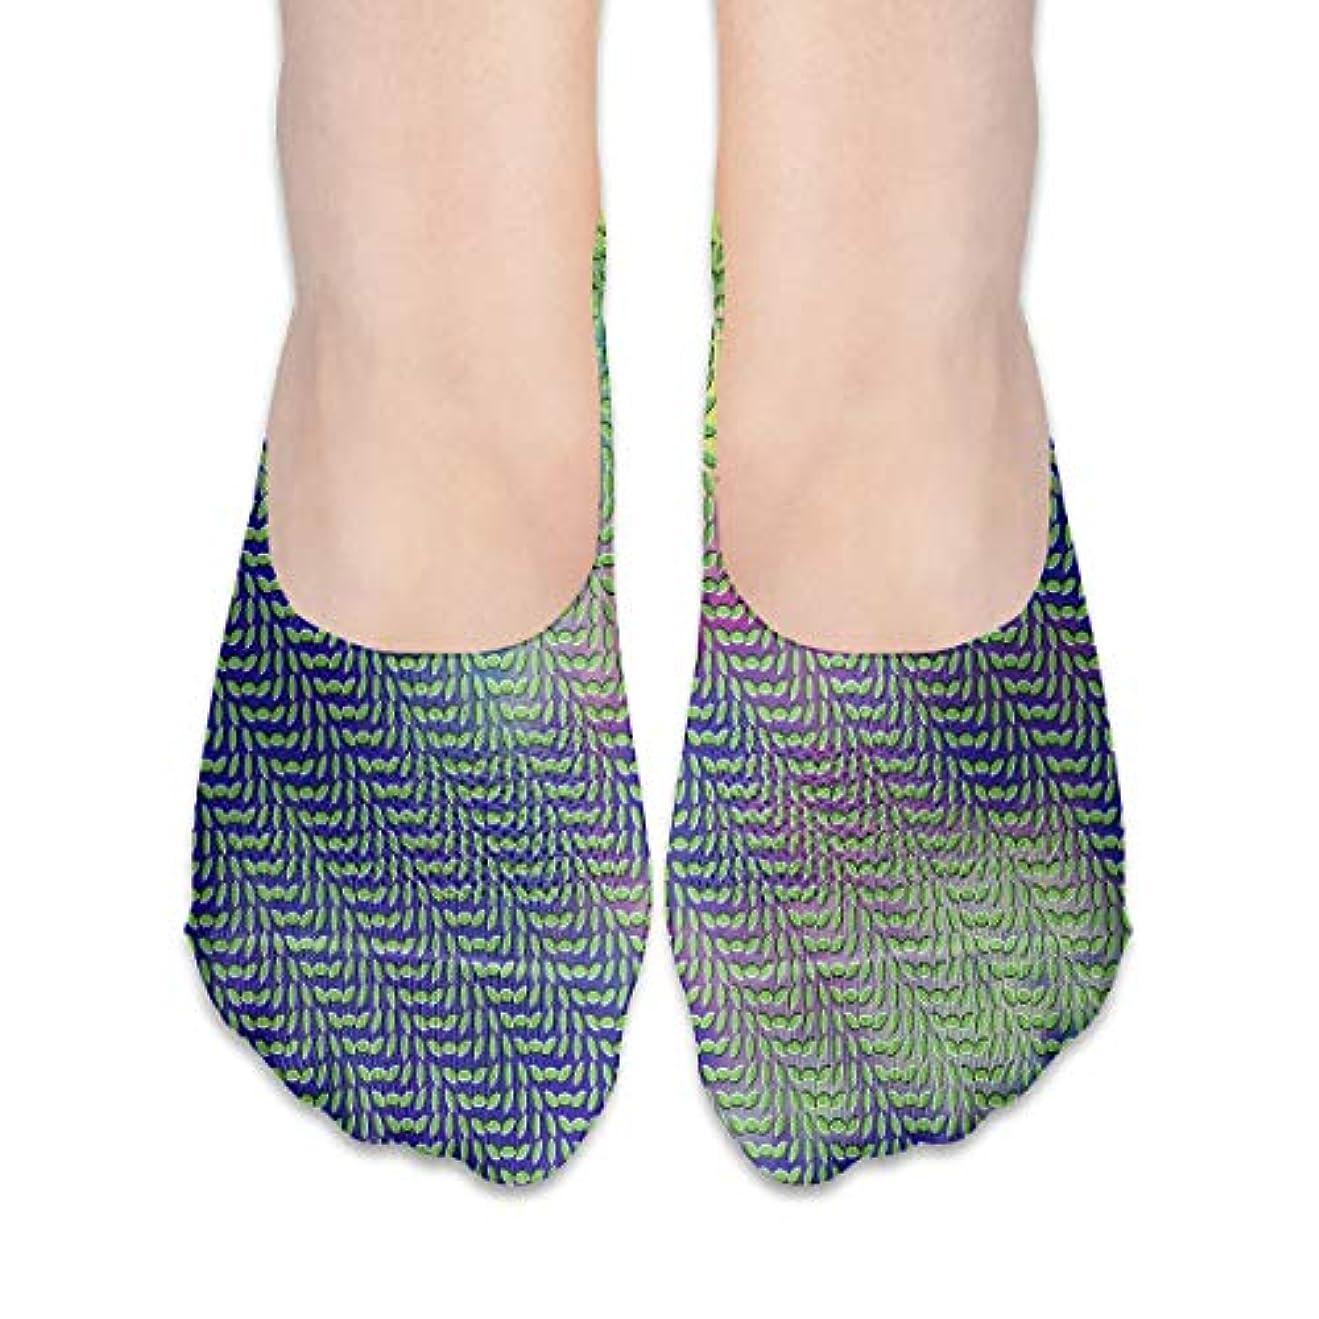 究極のキモい決定女性用グリーントリッピー(2)No Show Socks、ローファーソックスボートシューズソックス